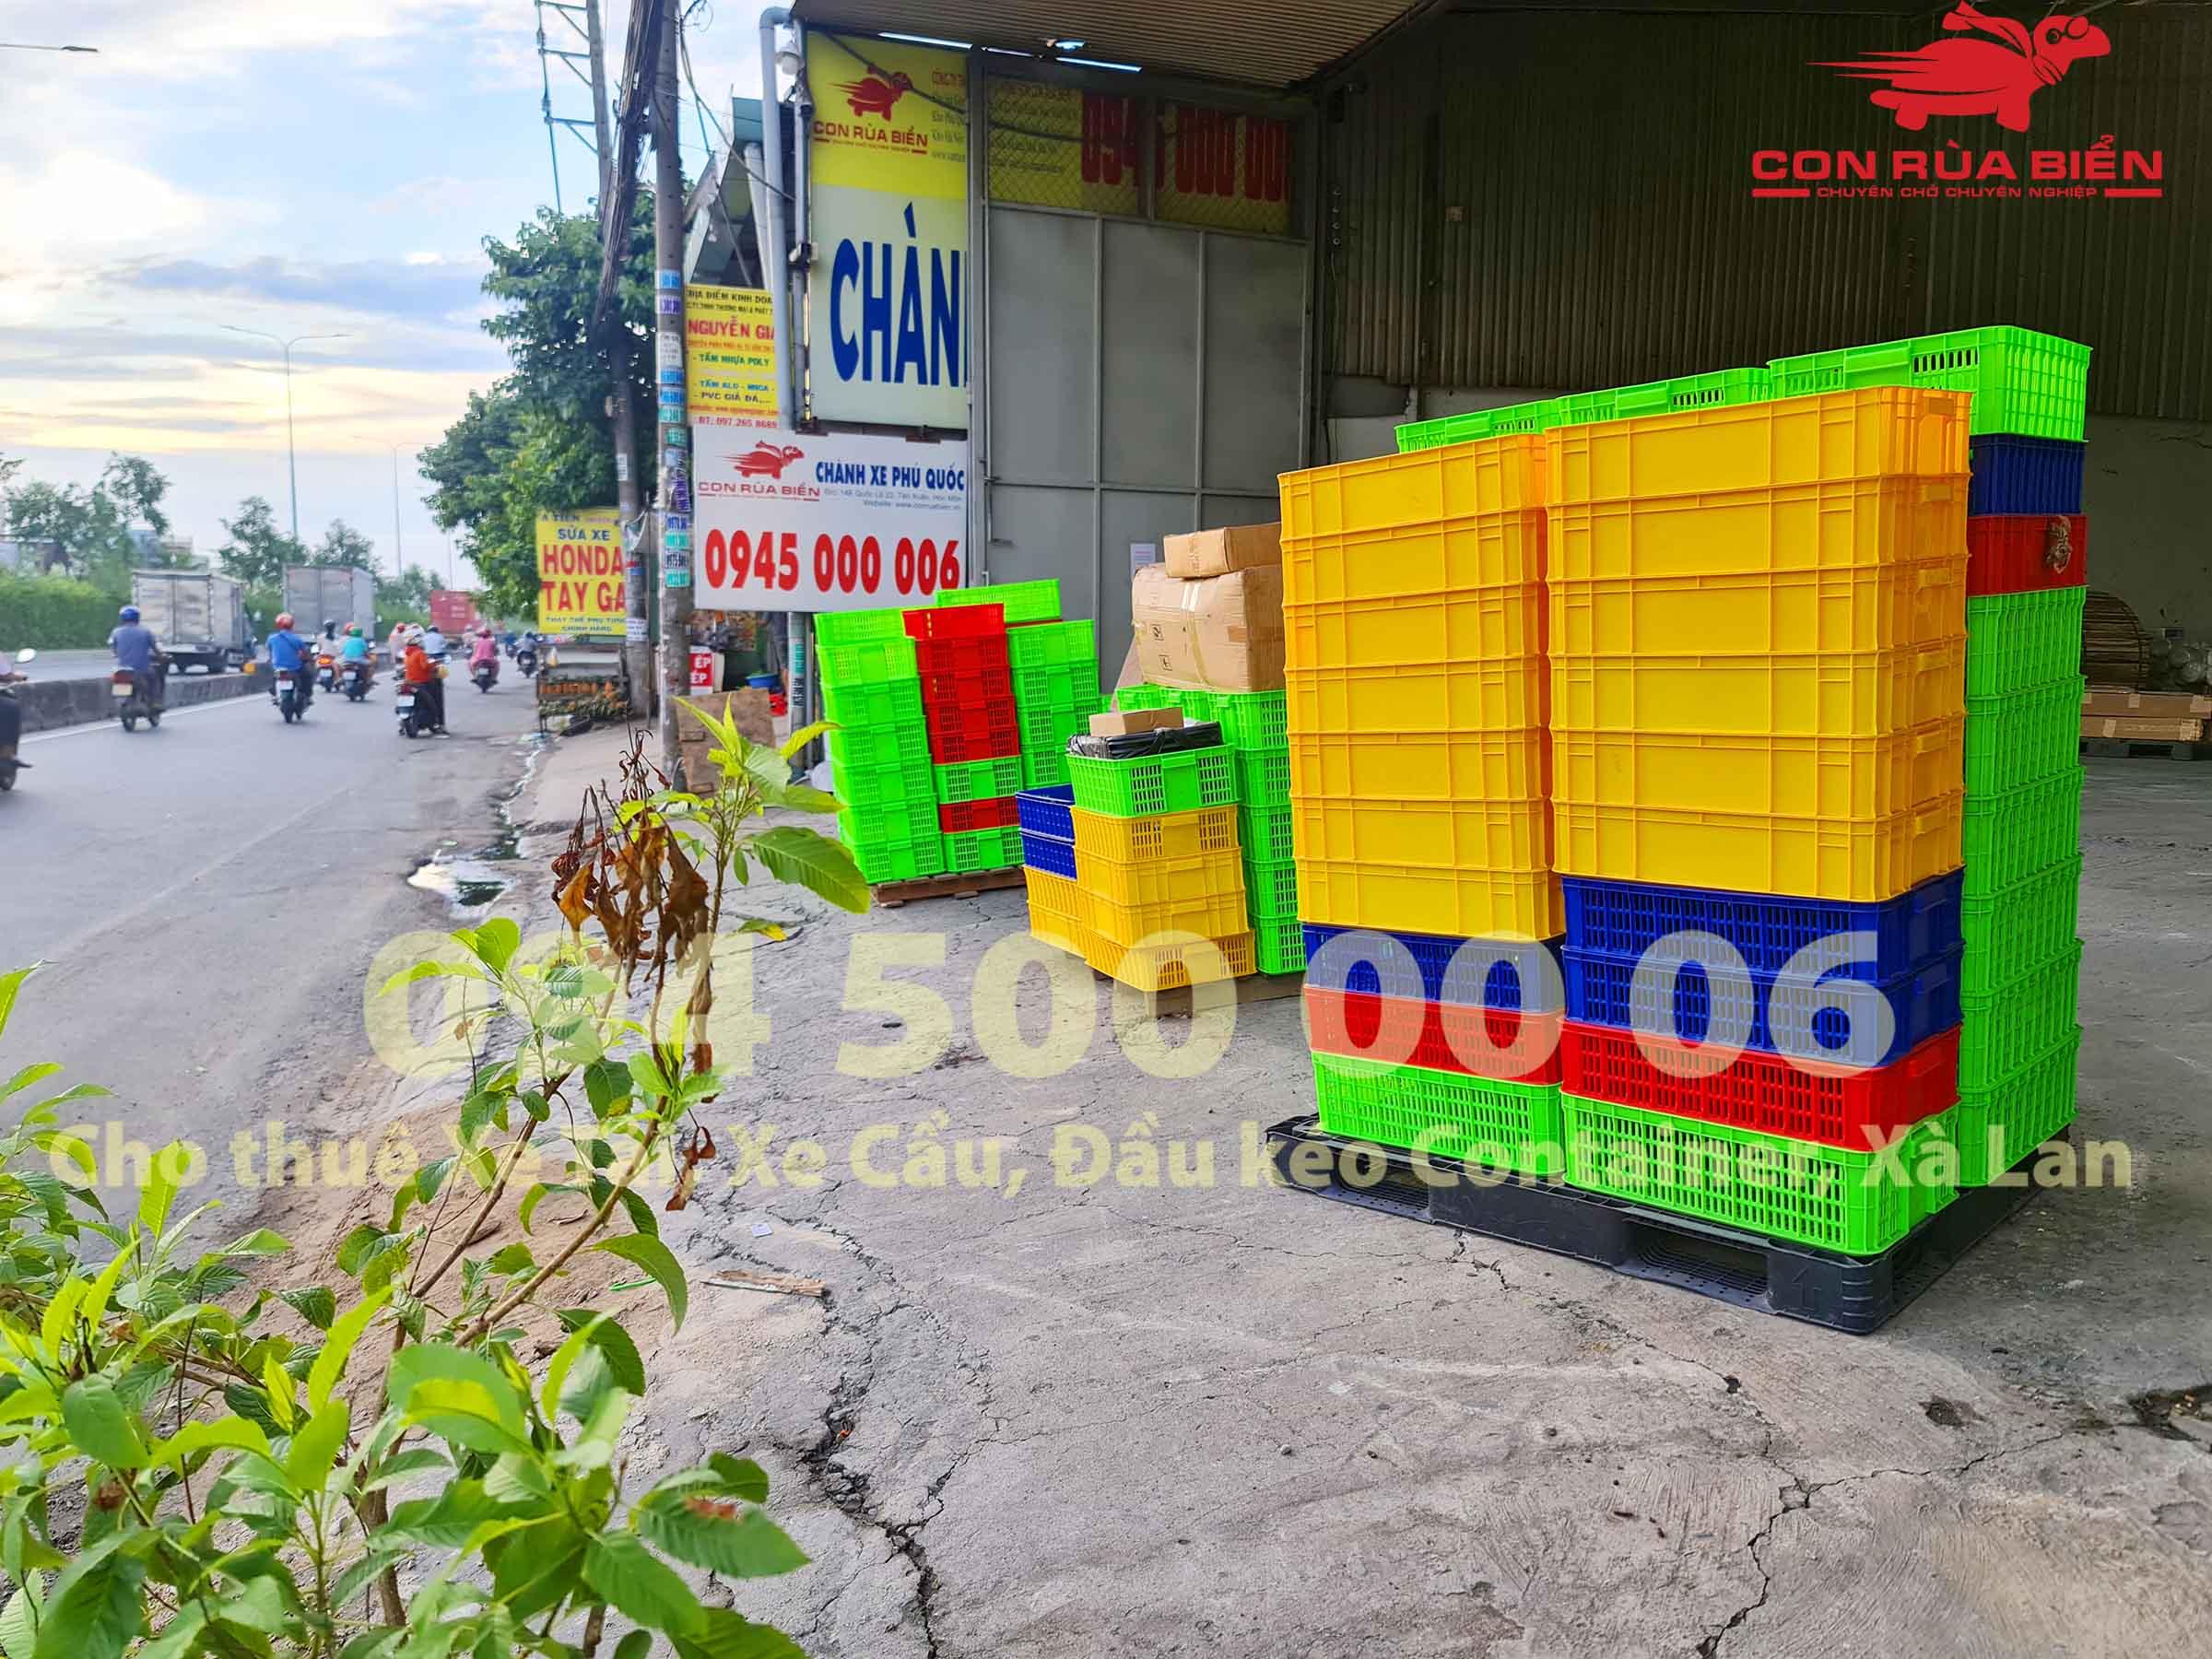 Van chuyen hang thuc pham di Phu Quoc 1